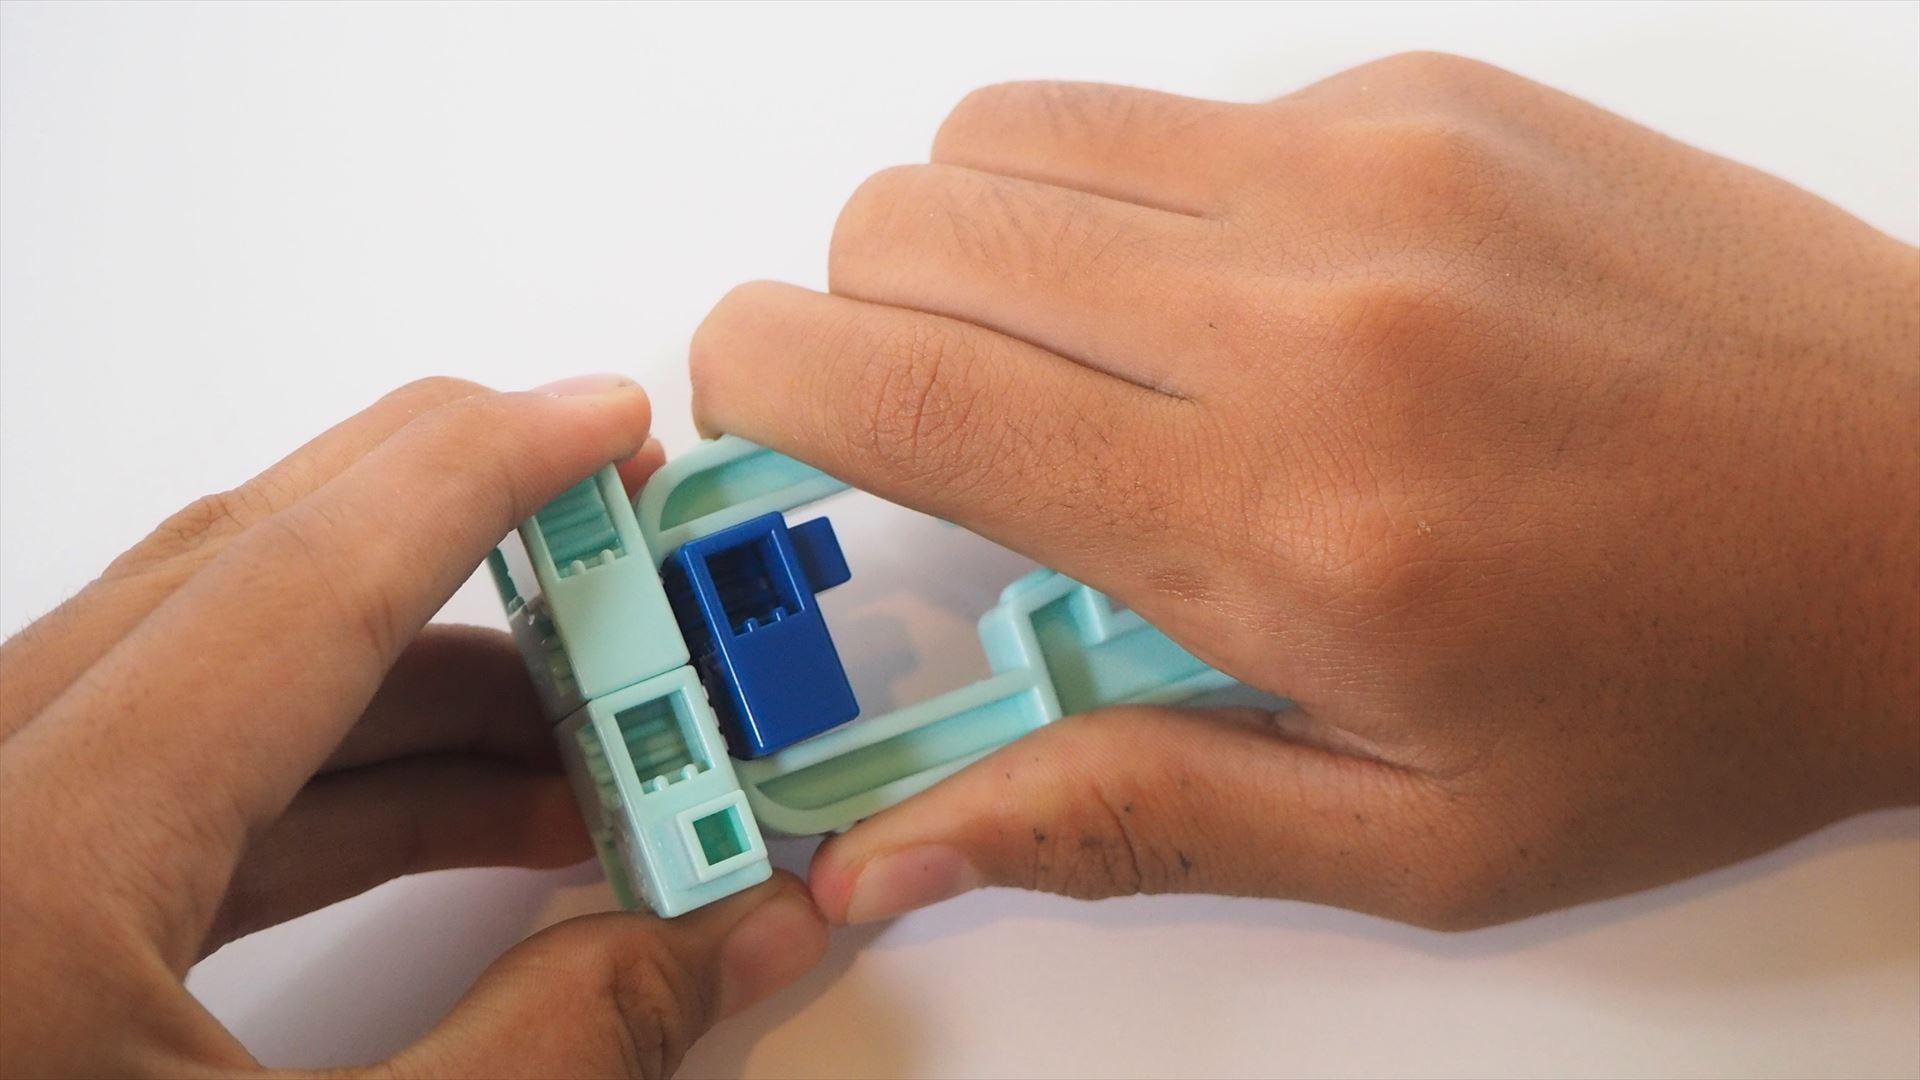 間違えたブロックを外したいときには、付属のブロックリムーバーを使う